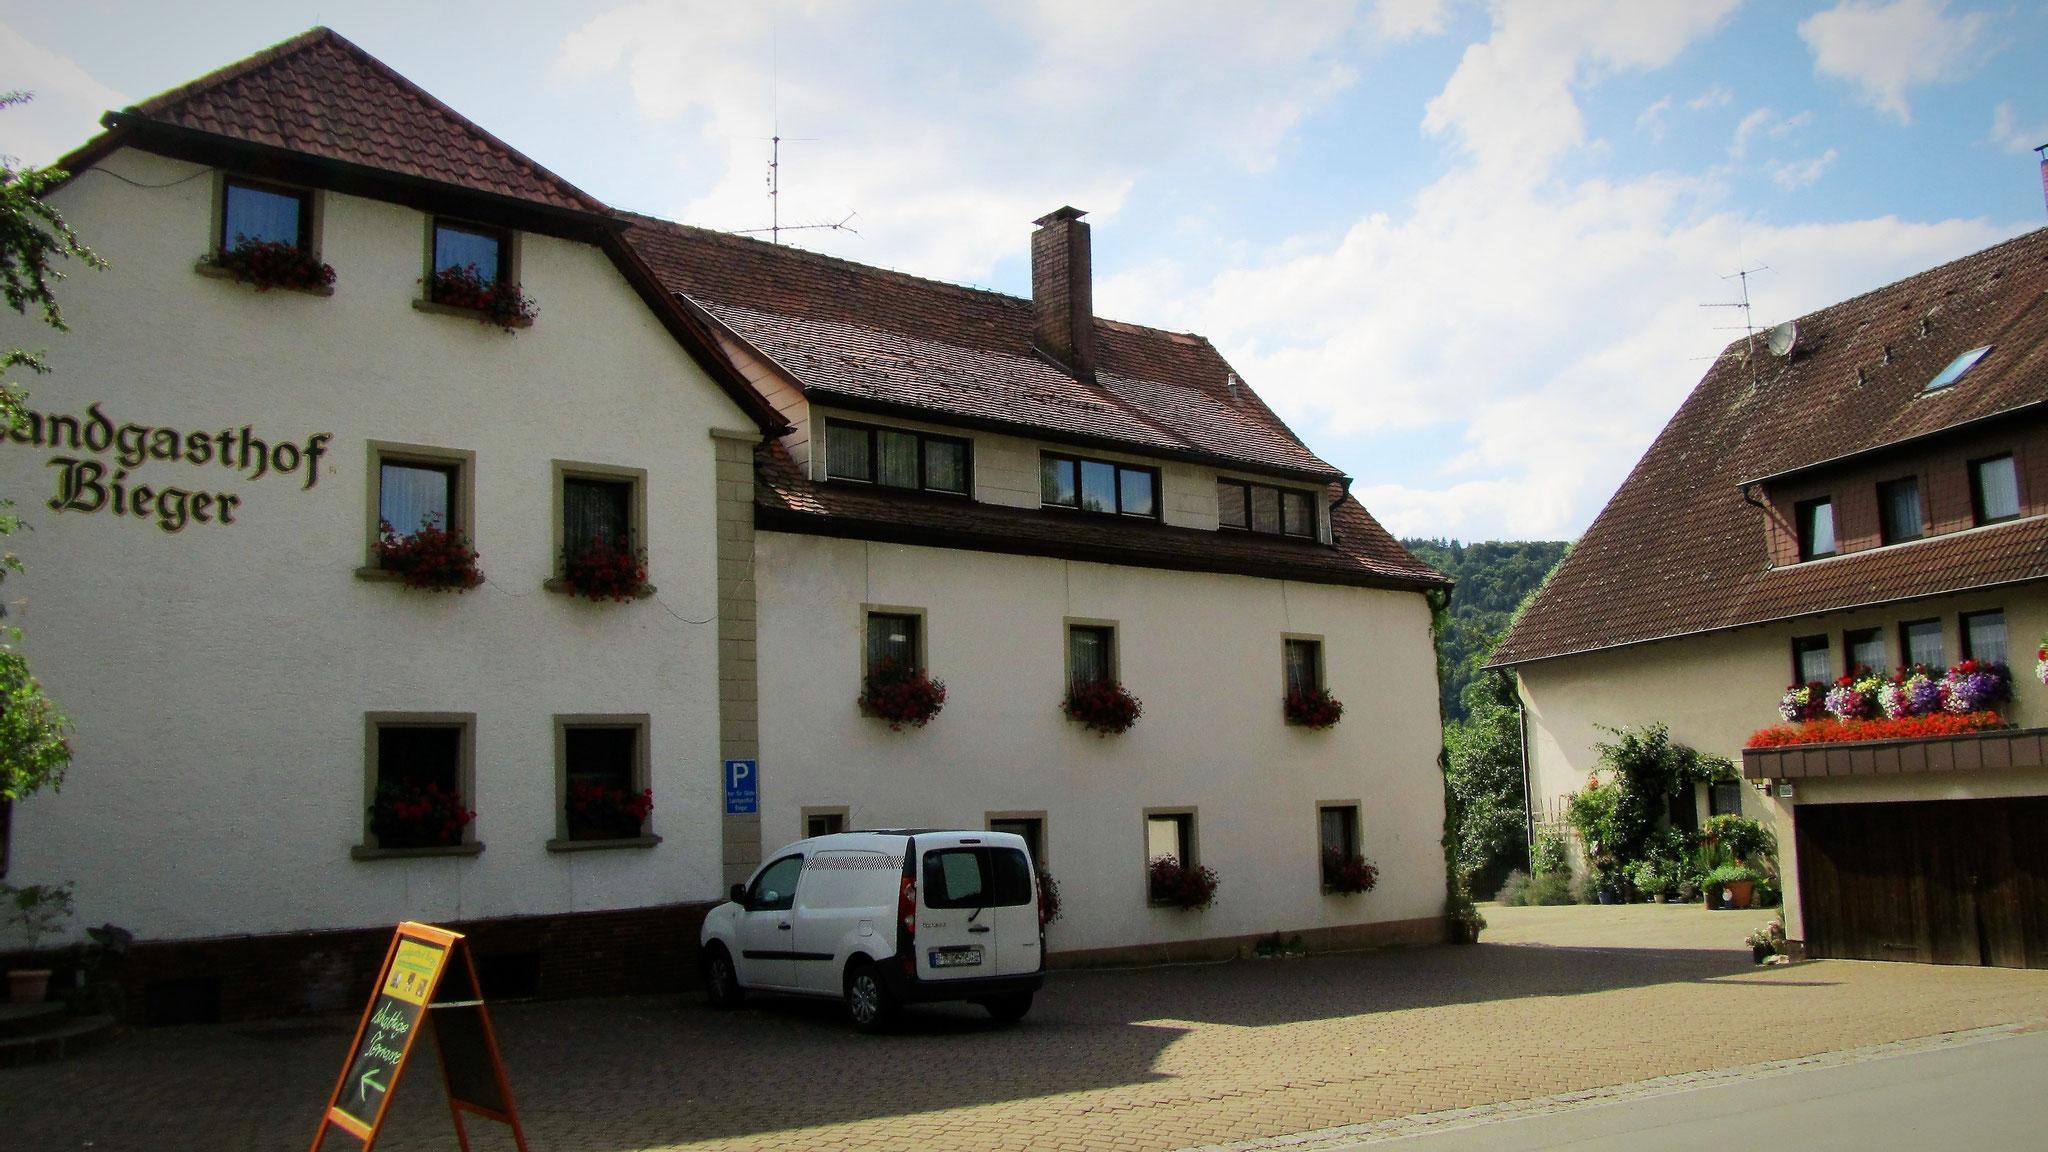 Der Landgasthof Bieger - Ebermannstadt in der Fränkischen Schweiz.